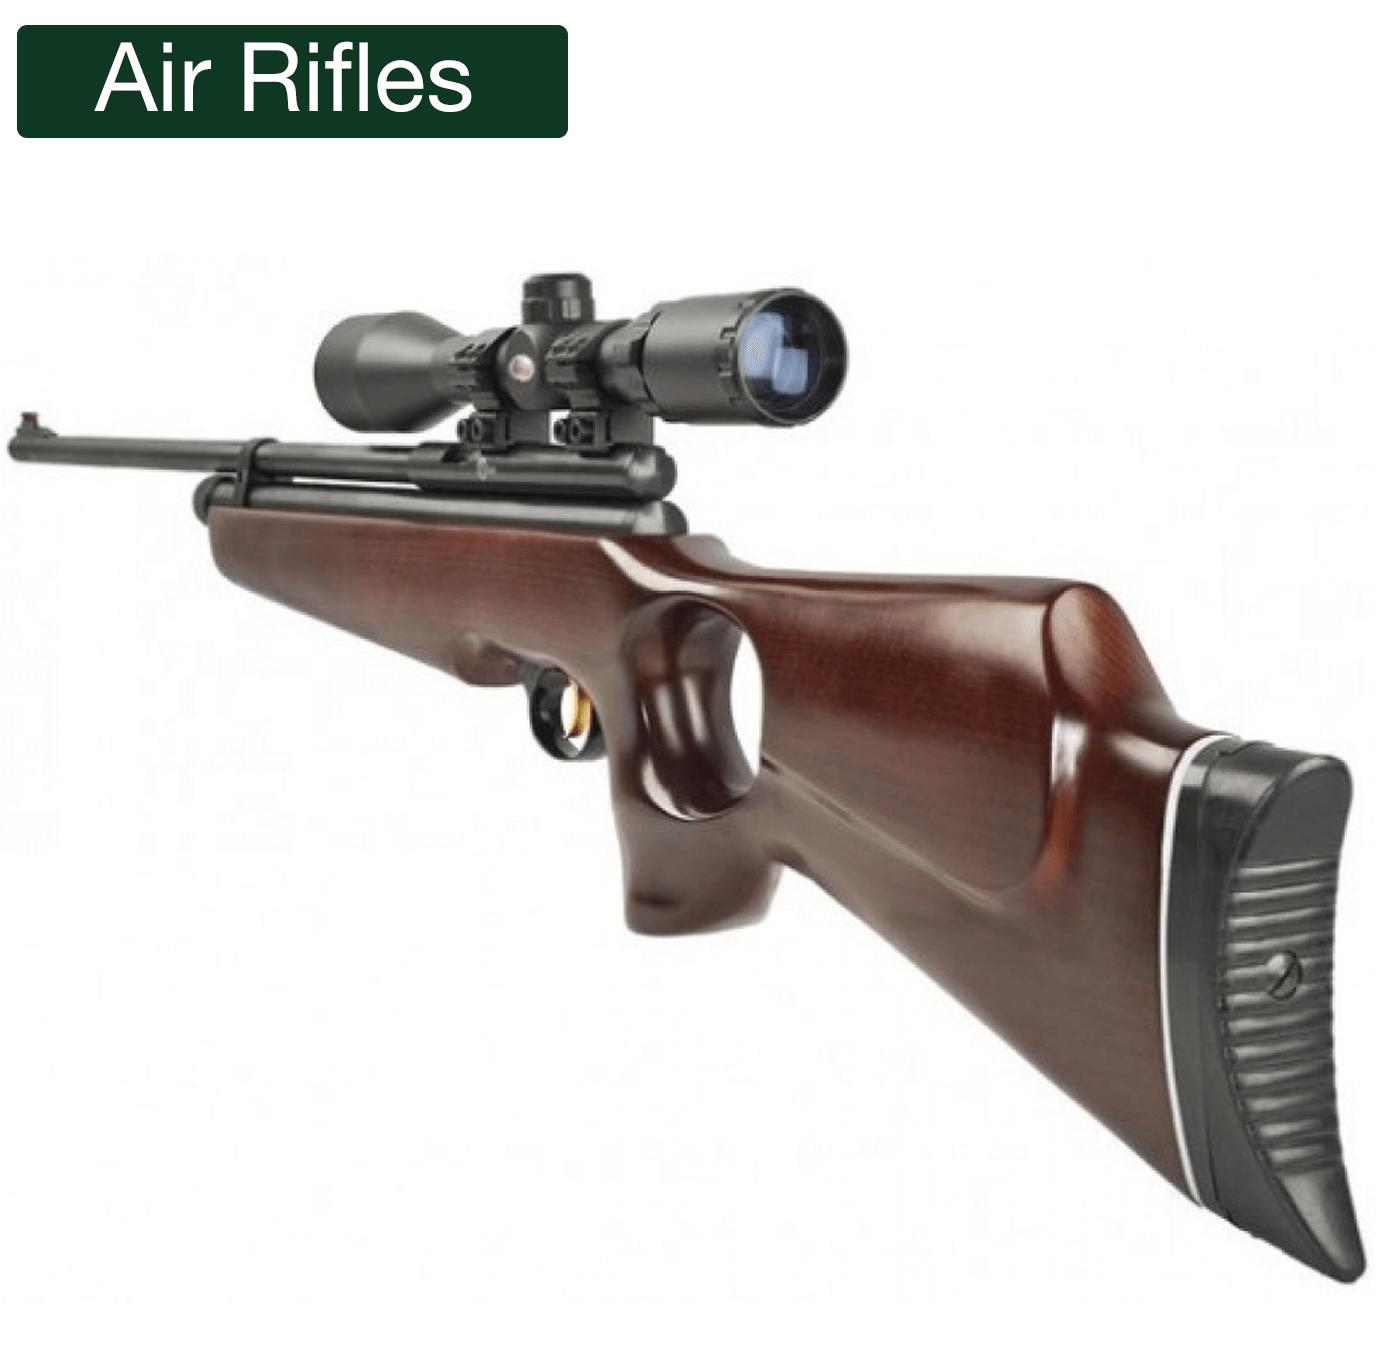 Air Rifles For Sale